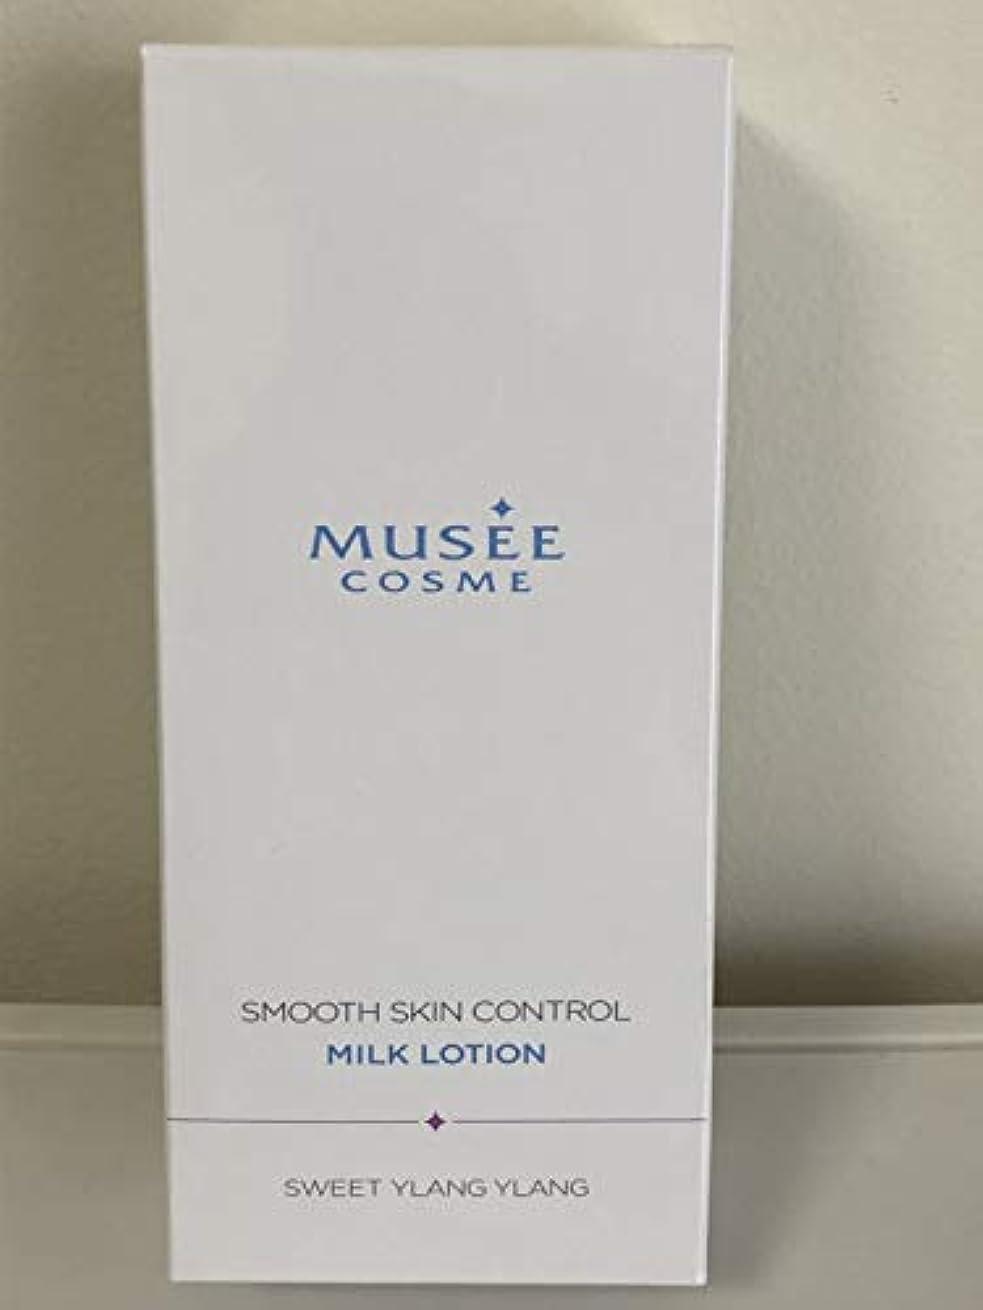 急流かりてスイッチミュゼコスメ 薬用スムーススキンコントロール ミルクローション 300mL スイートイランイランの香り